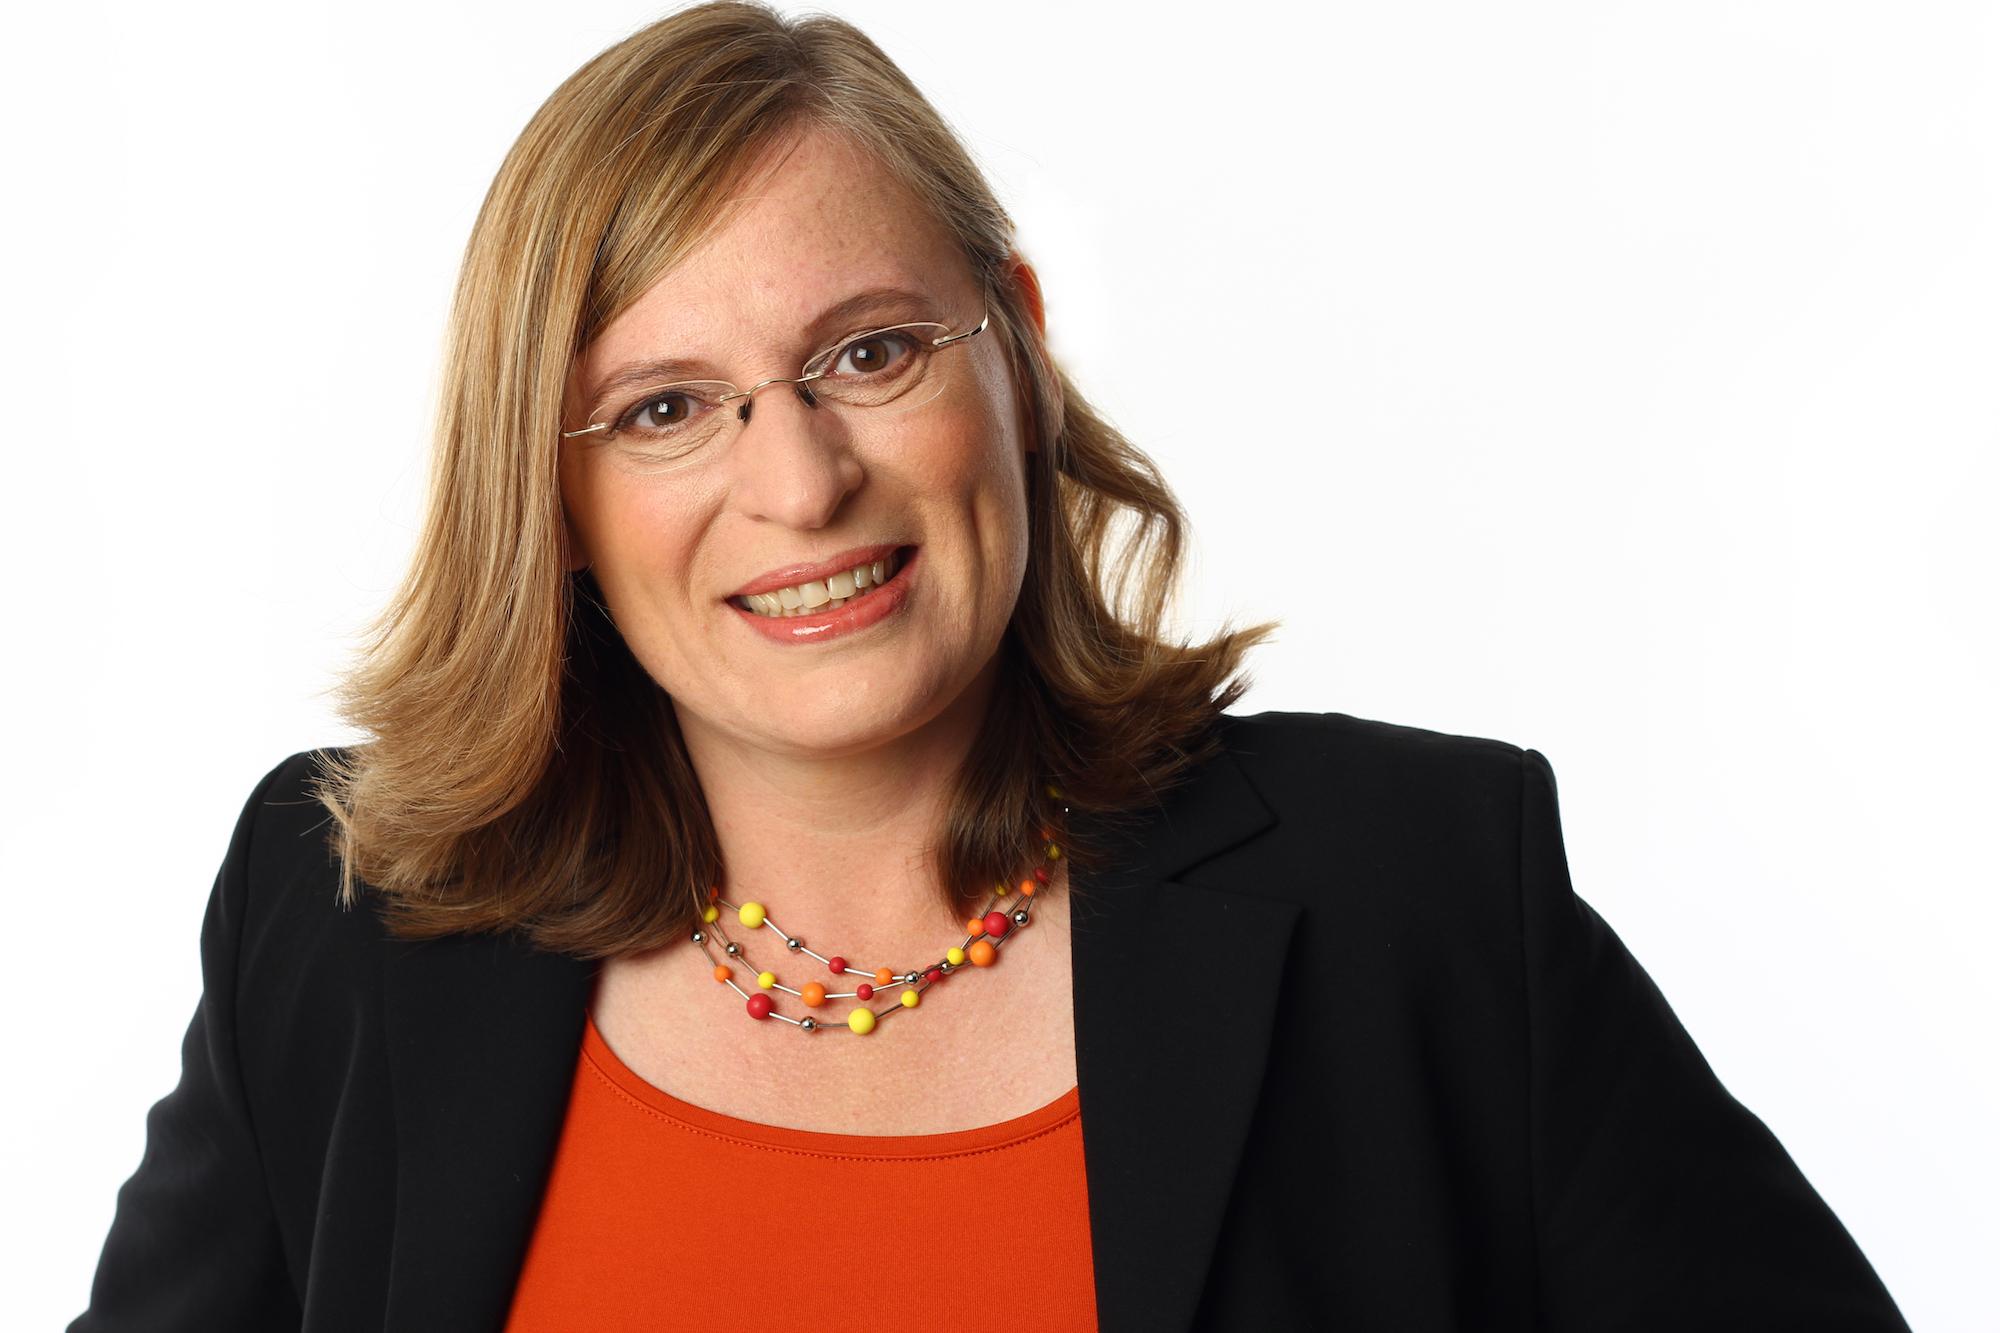 Bettina Blass